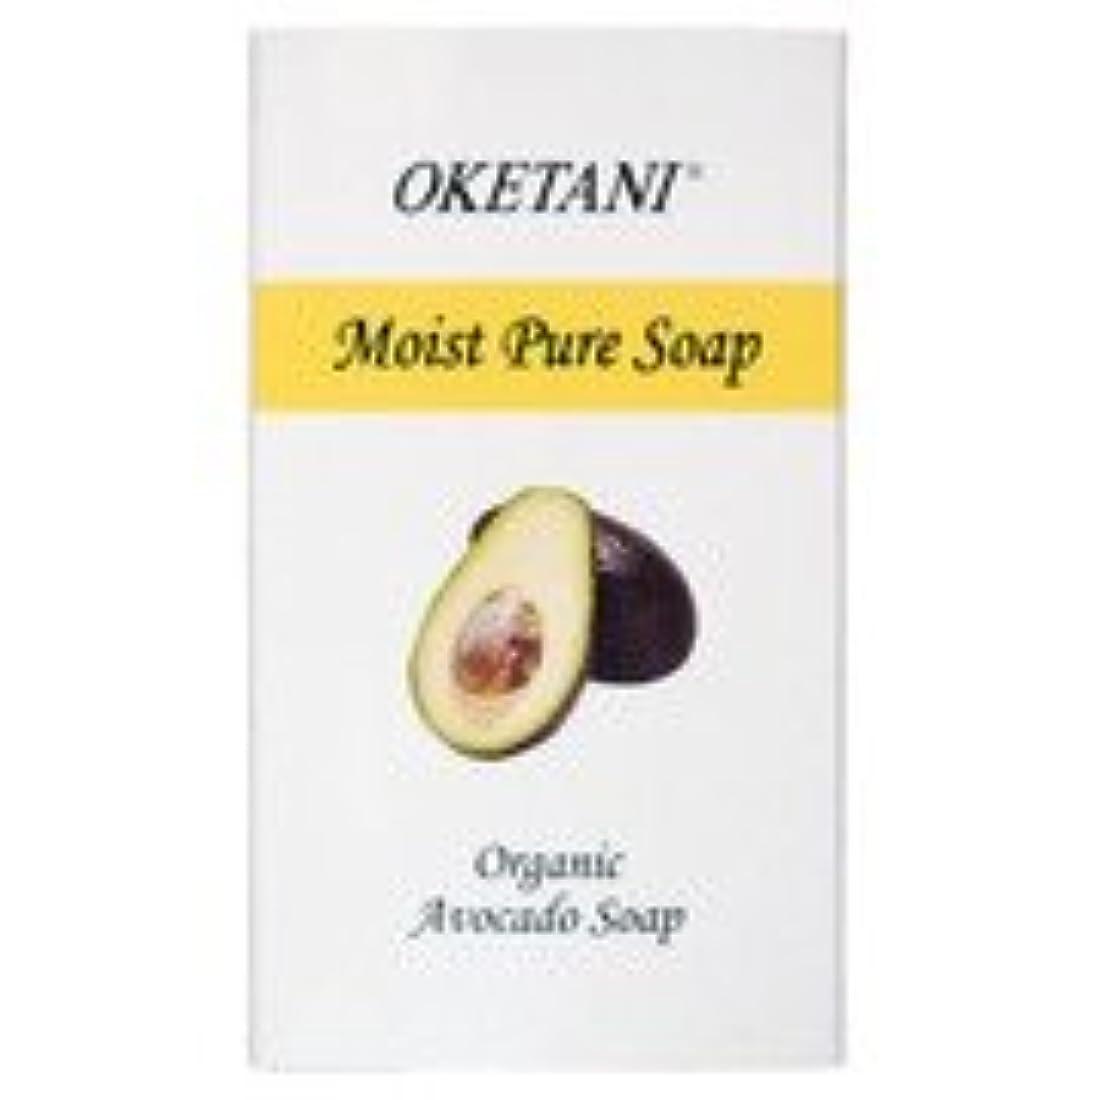 振り返る医薬品ワゴン[OKETANI]モイスチャーオーガニックアボガド石鹸